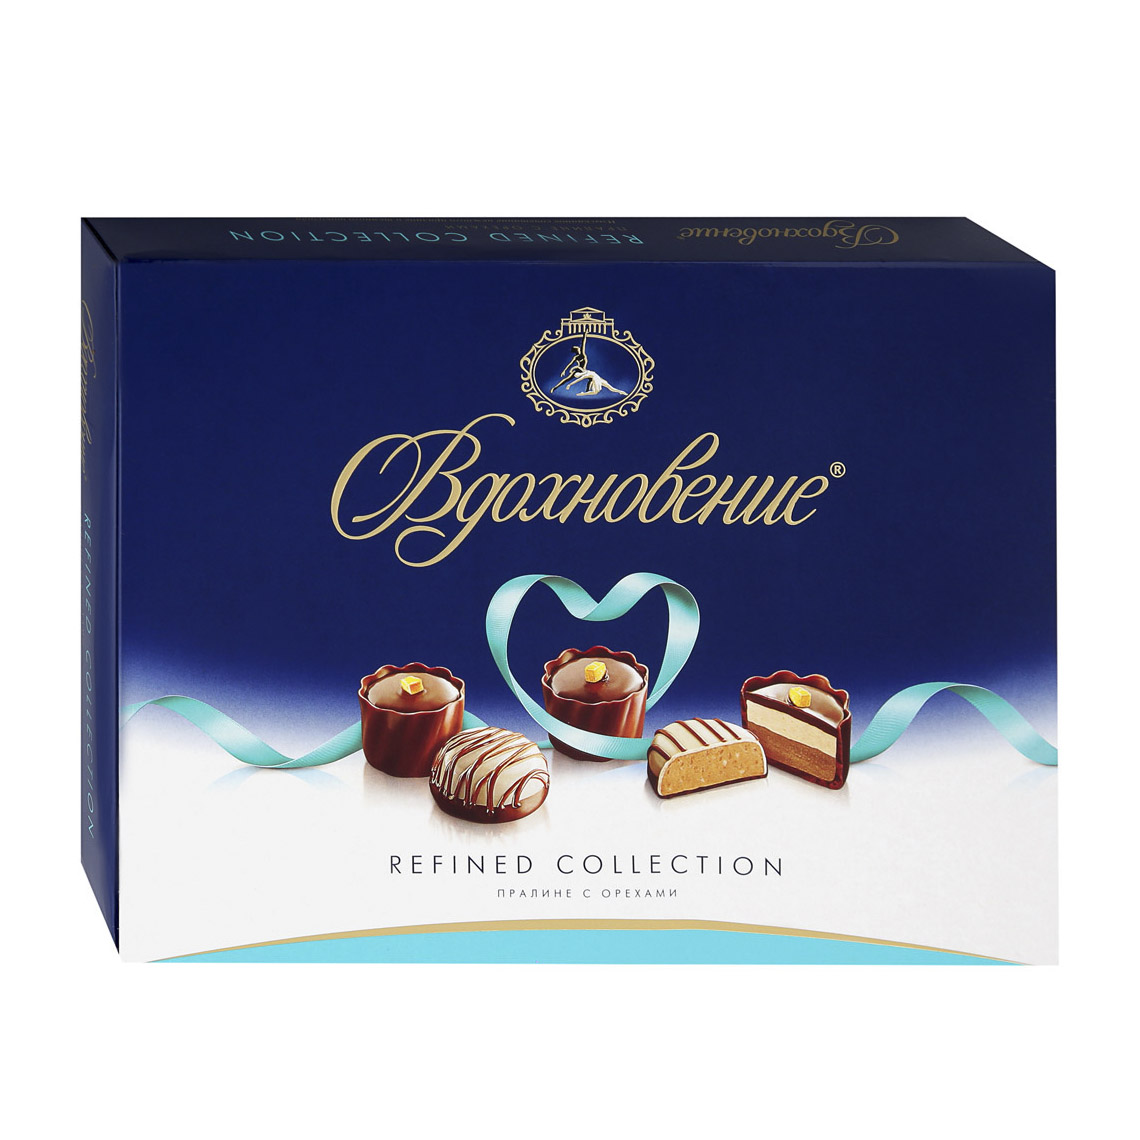 Фото - Шоколадный набор Вдохновение Пралине с орехами 170 г шоколадный баточник nuts с орехами 50 г